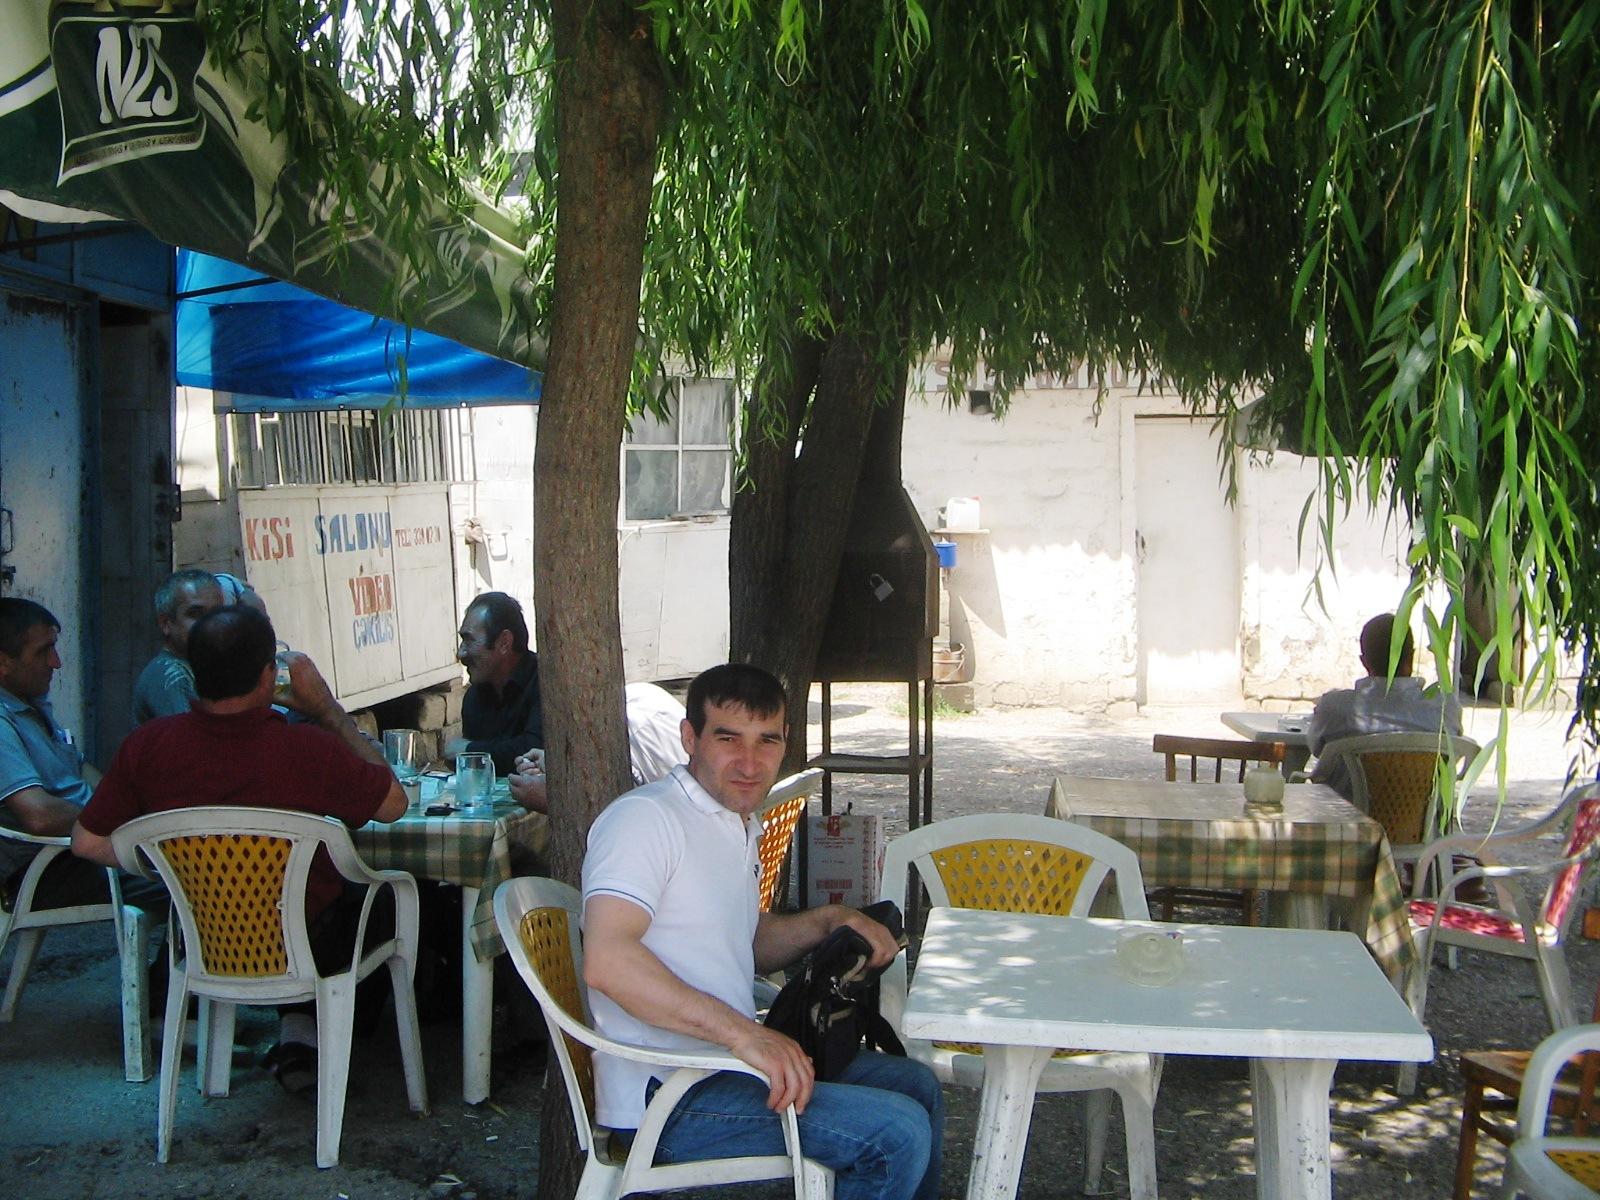 http://ic.pics.livejournal.com/procol_harum/12031203/181239/original.jpg